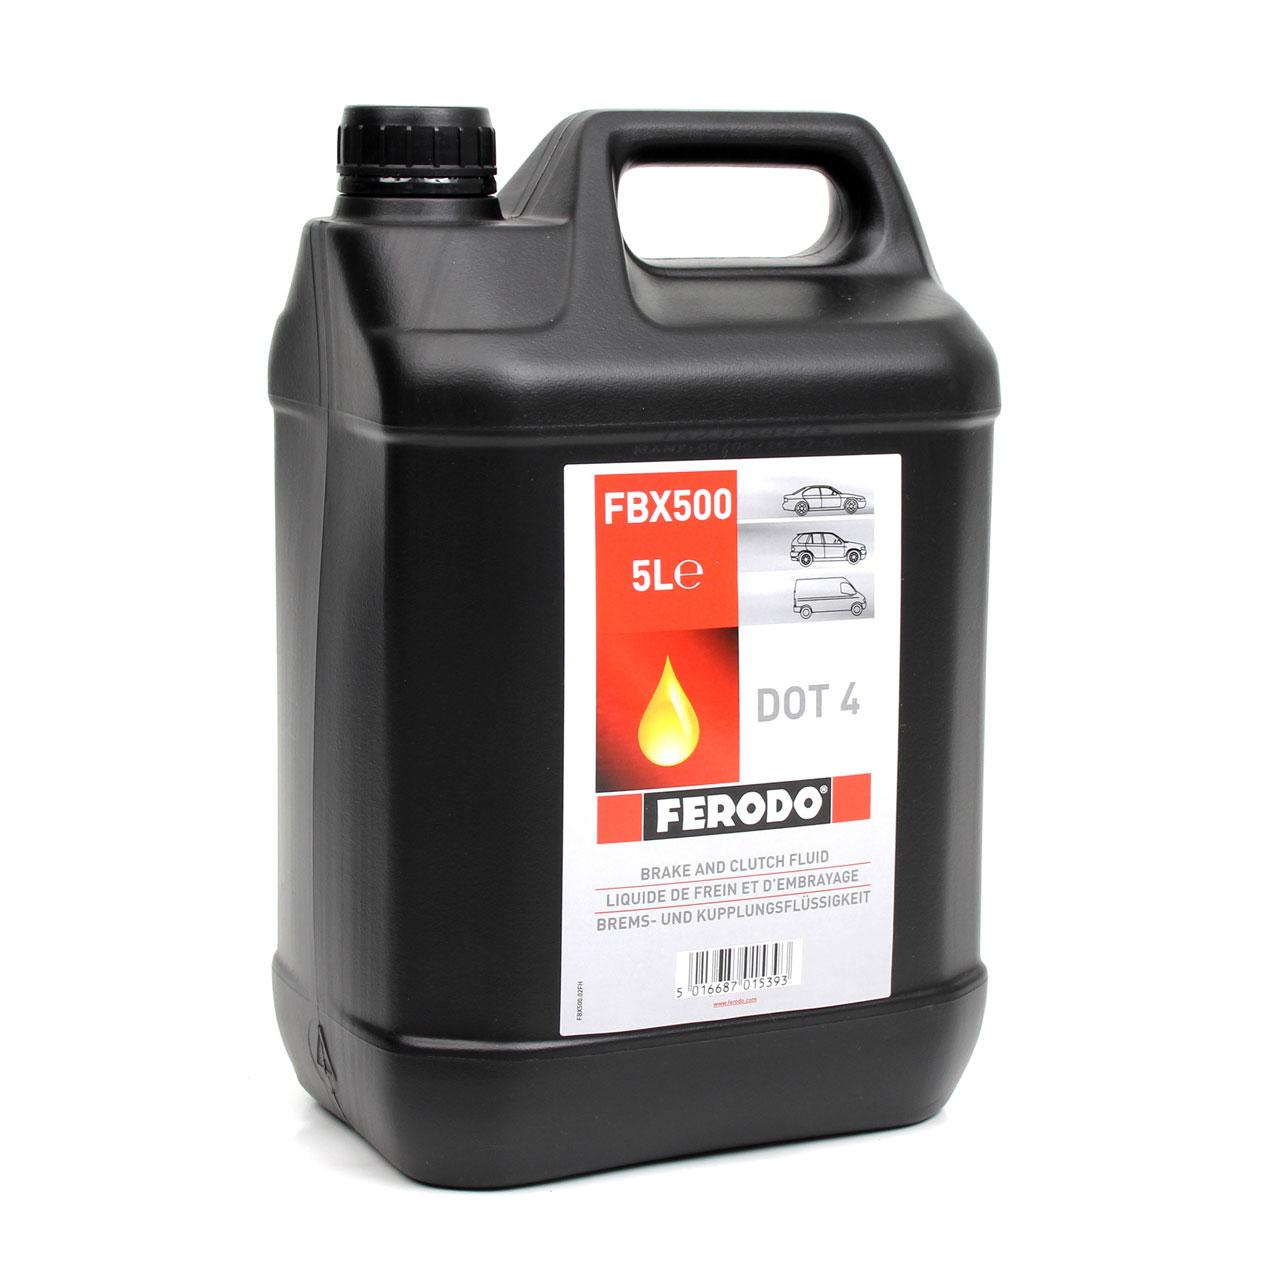 FERODO FBX500 Bremsflüssigkeit Kupplungsflüssigkeit DOT 4 - 5 Liter